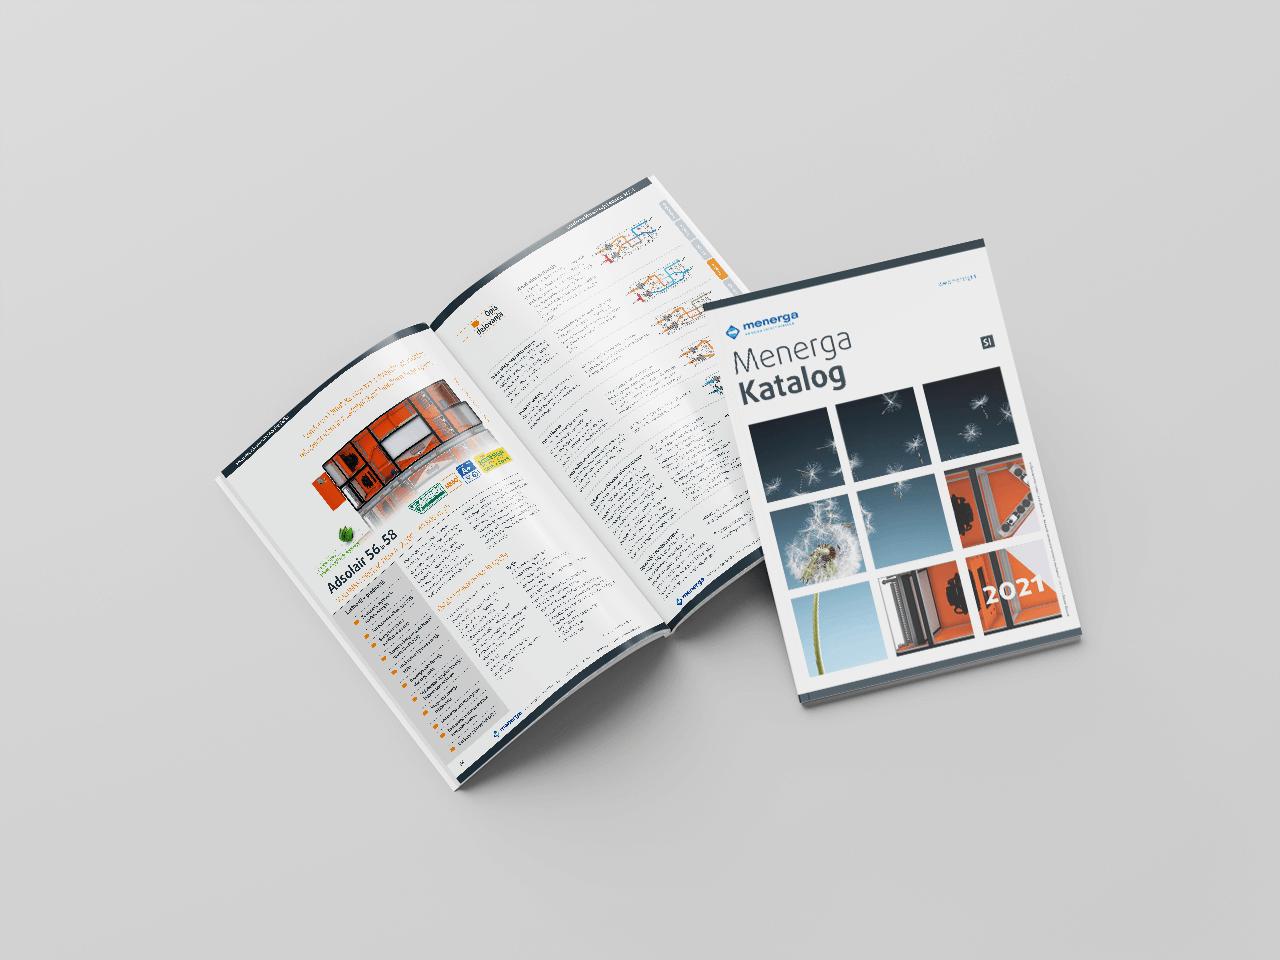 menerga-katalog-2021-5